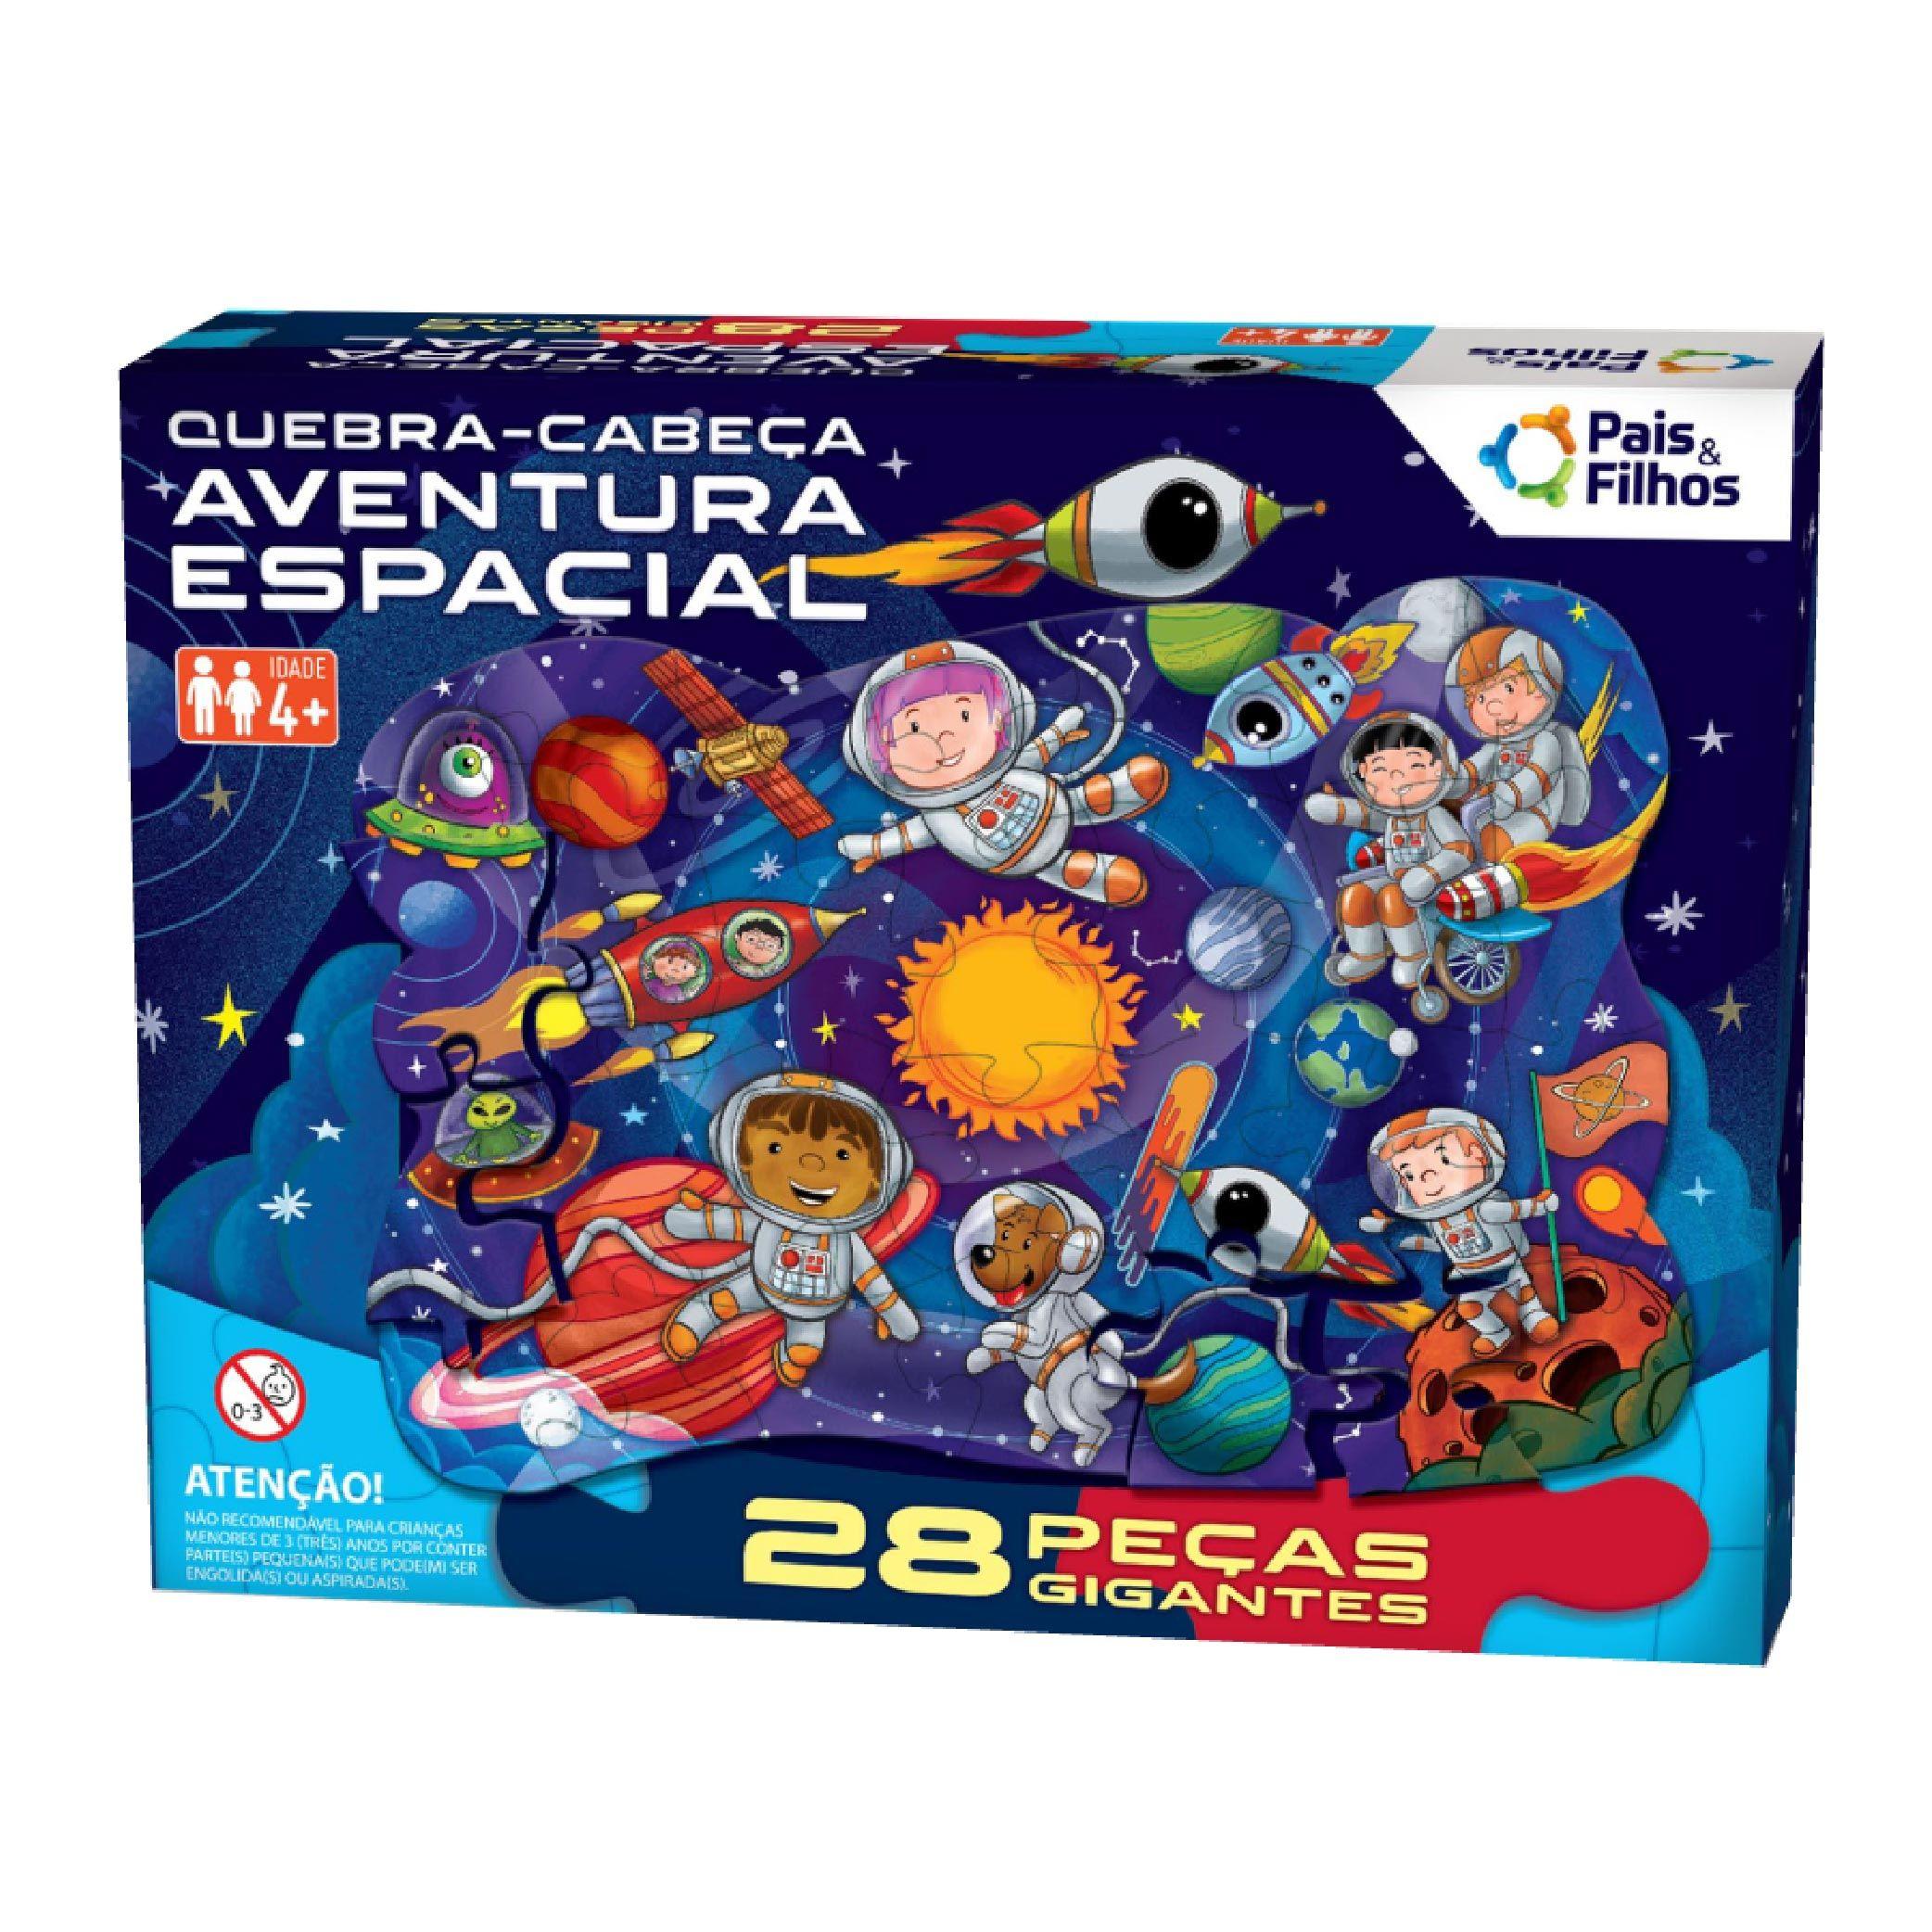 Quebra-Cabeça Gigante Aventura Espacial 28 pçs-10796